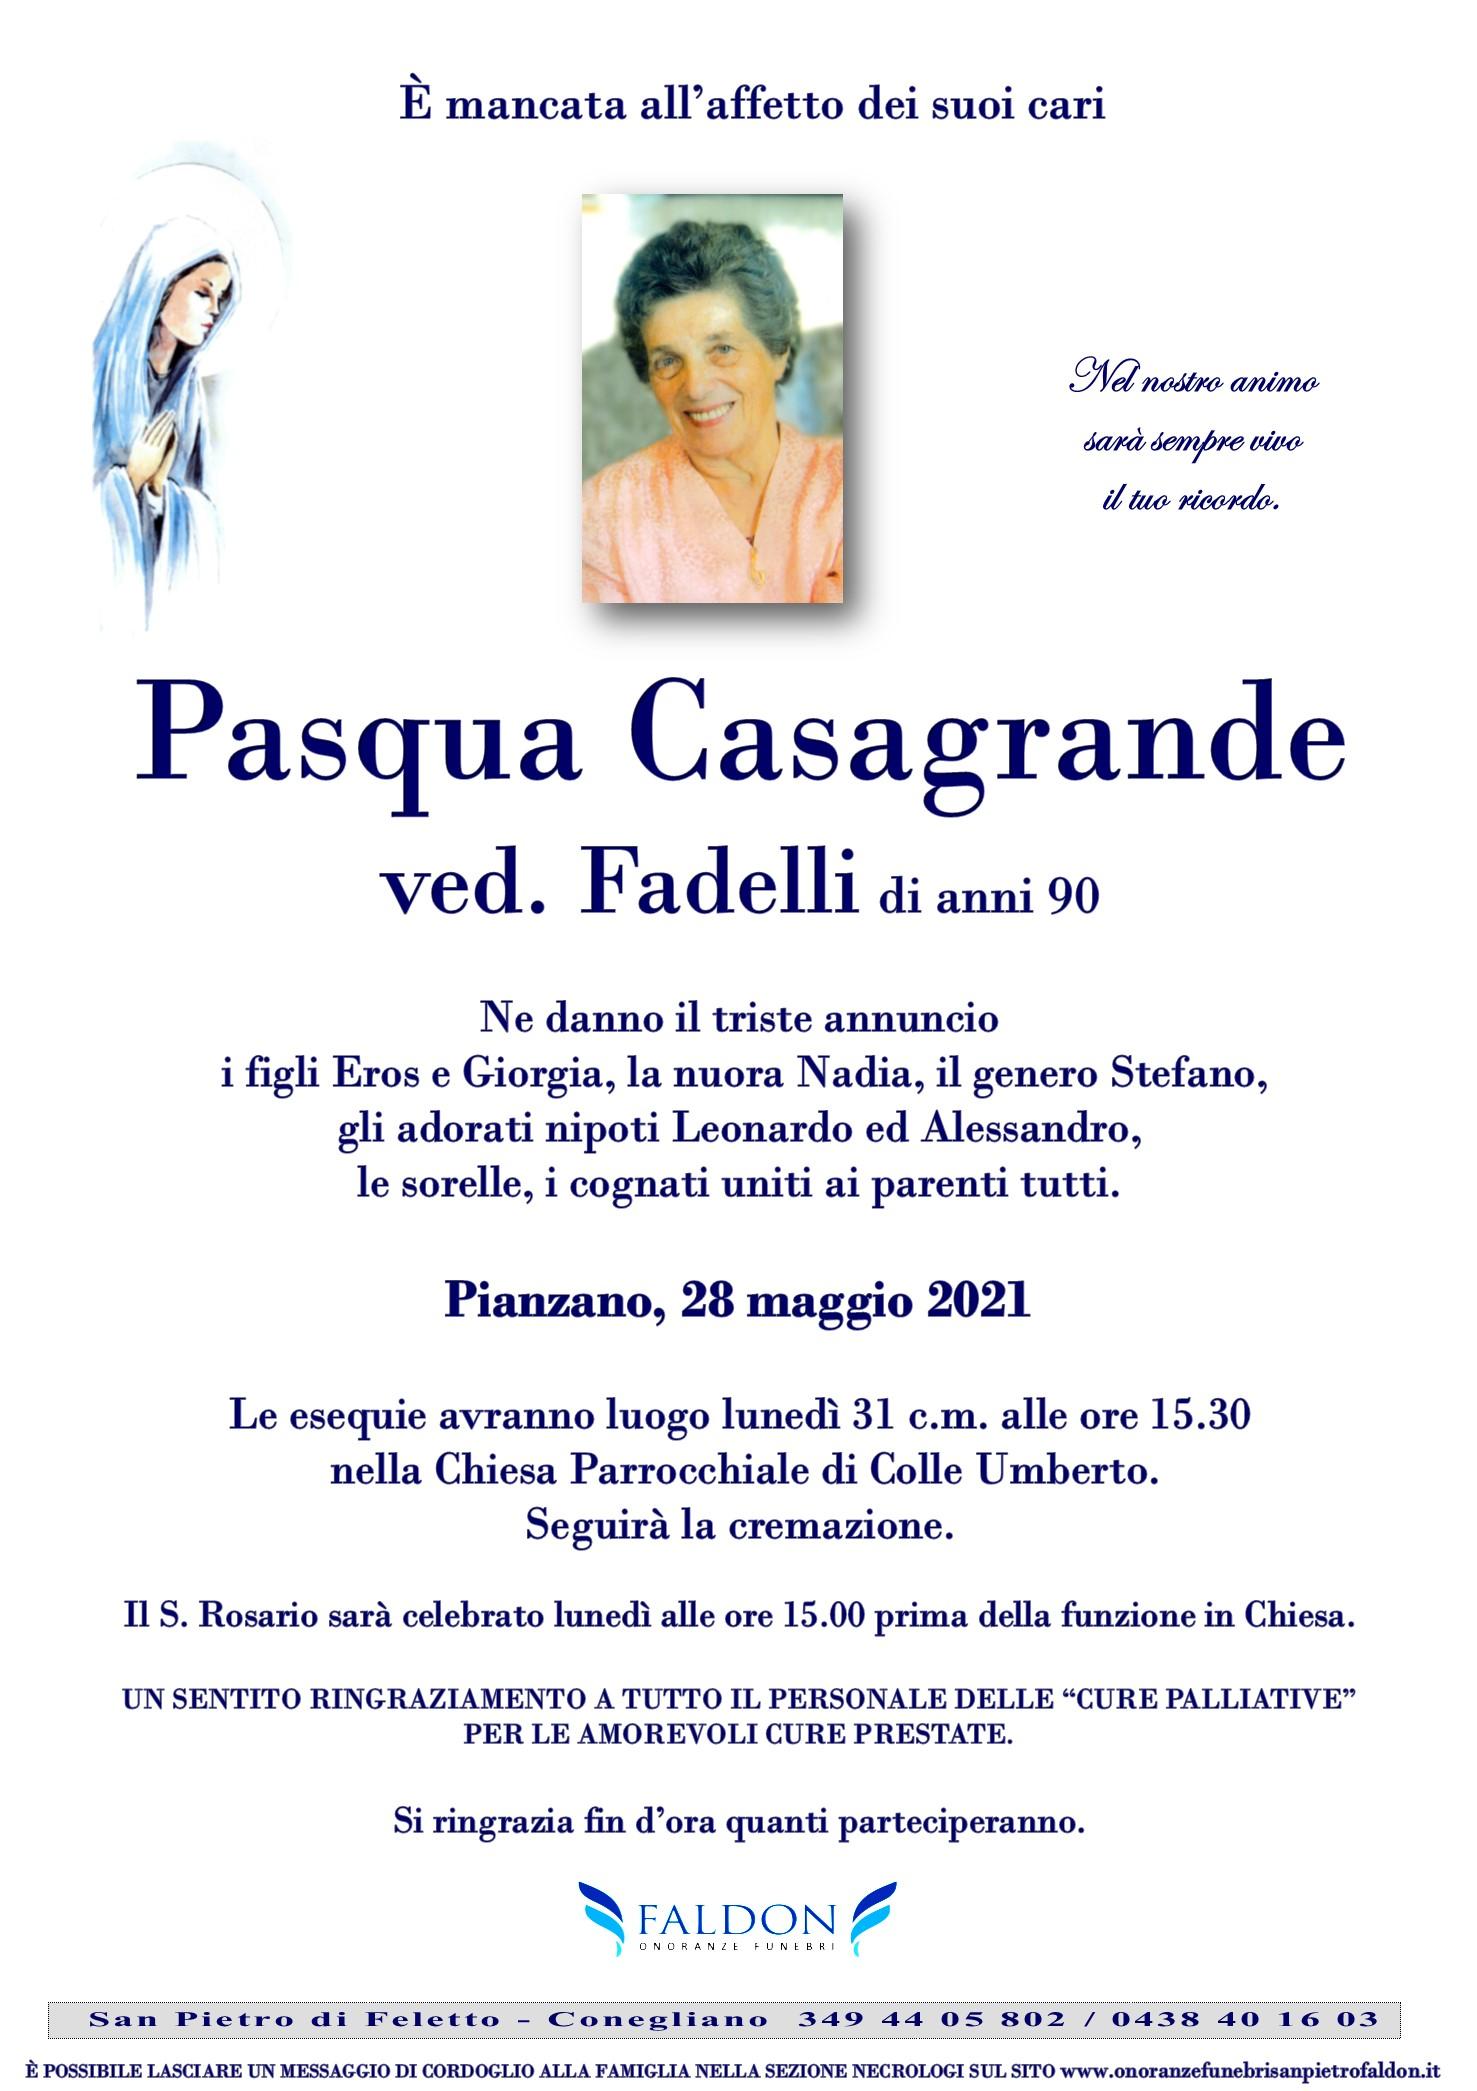 Pasqua Casagrande